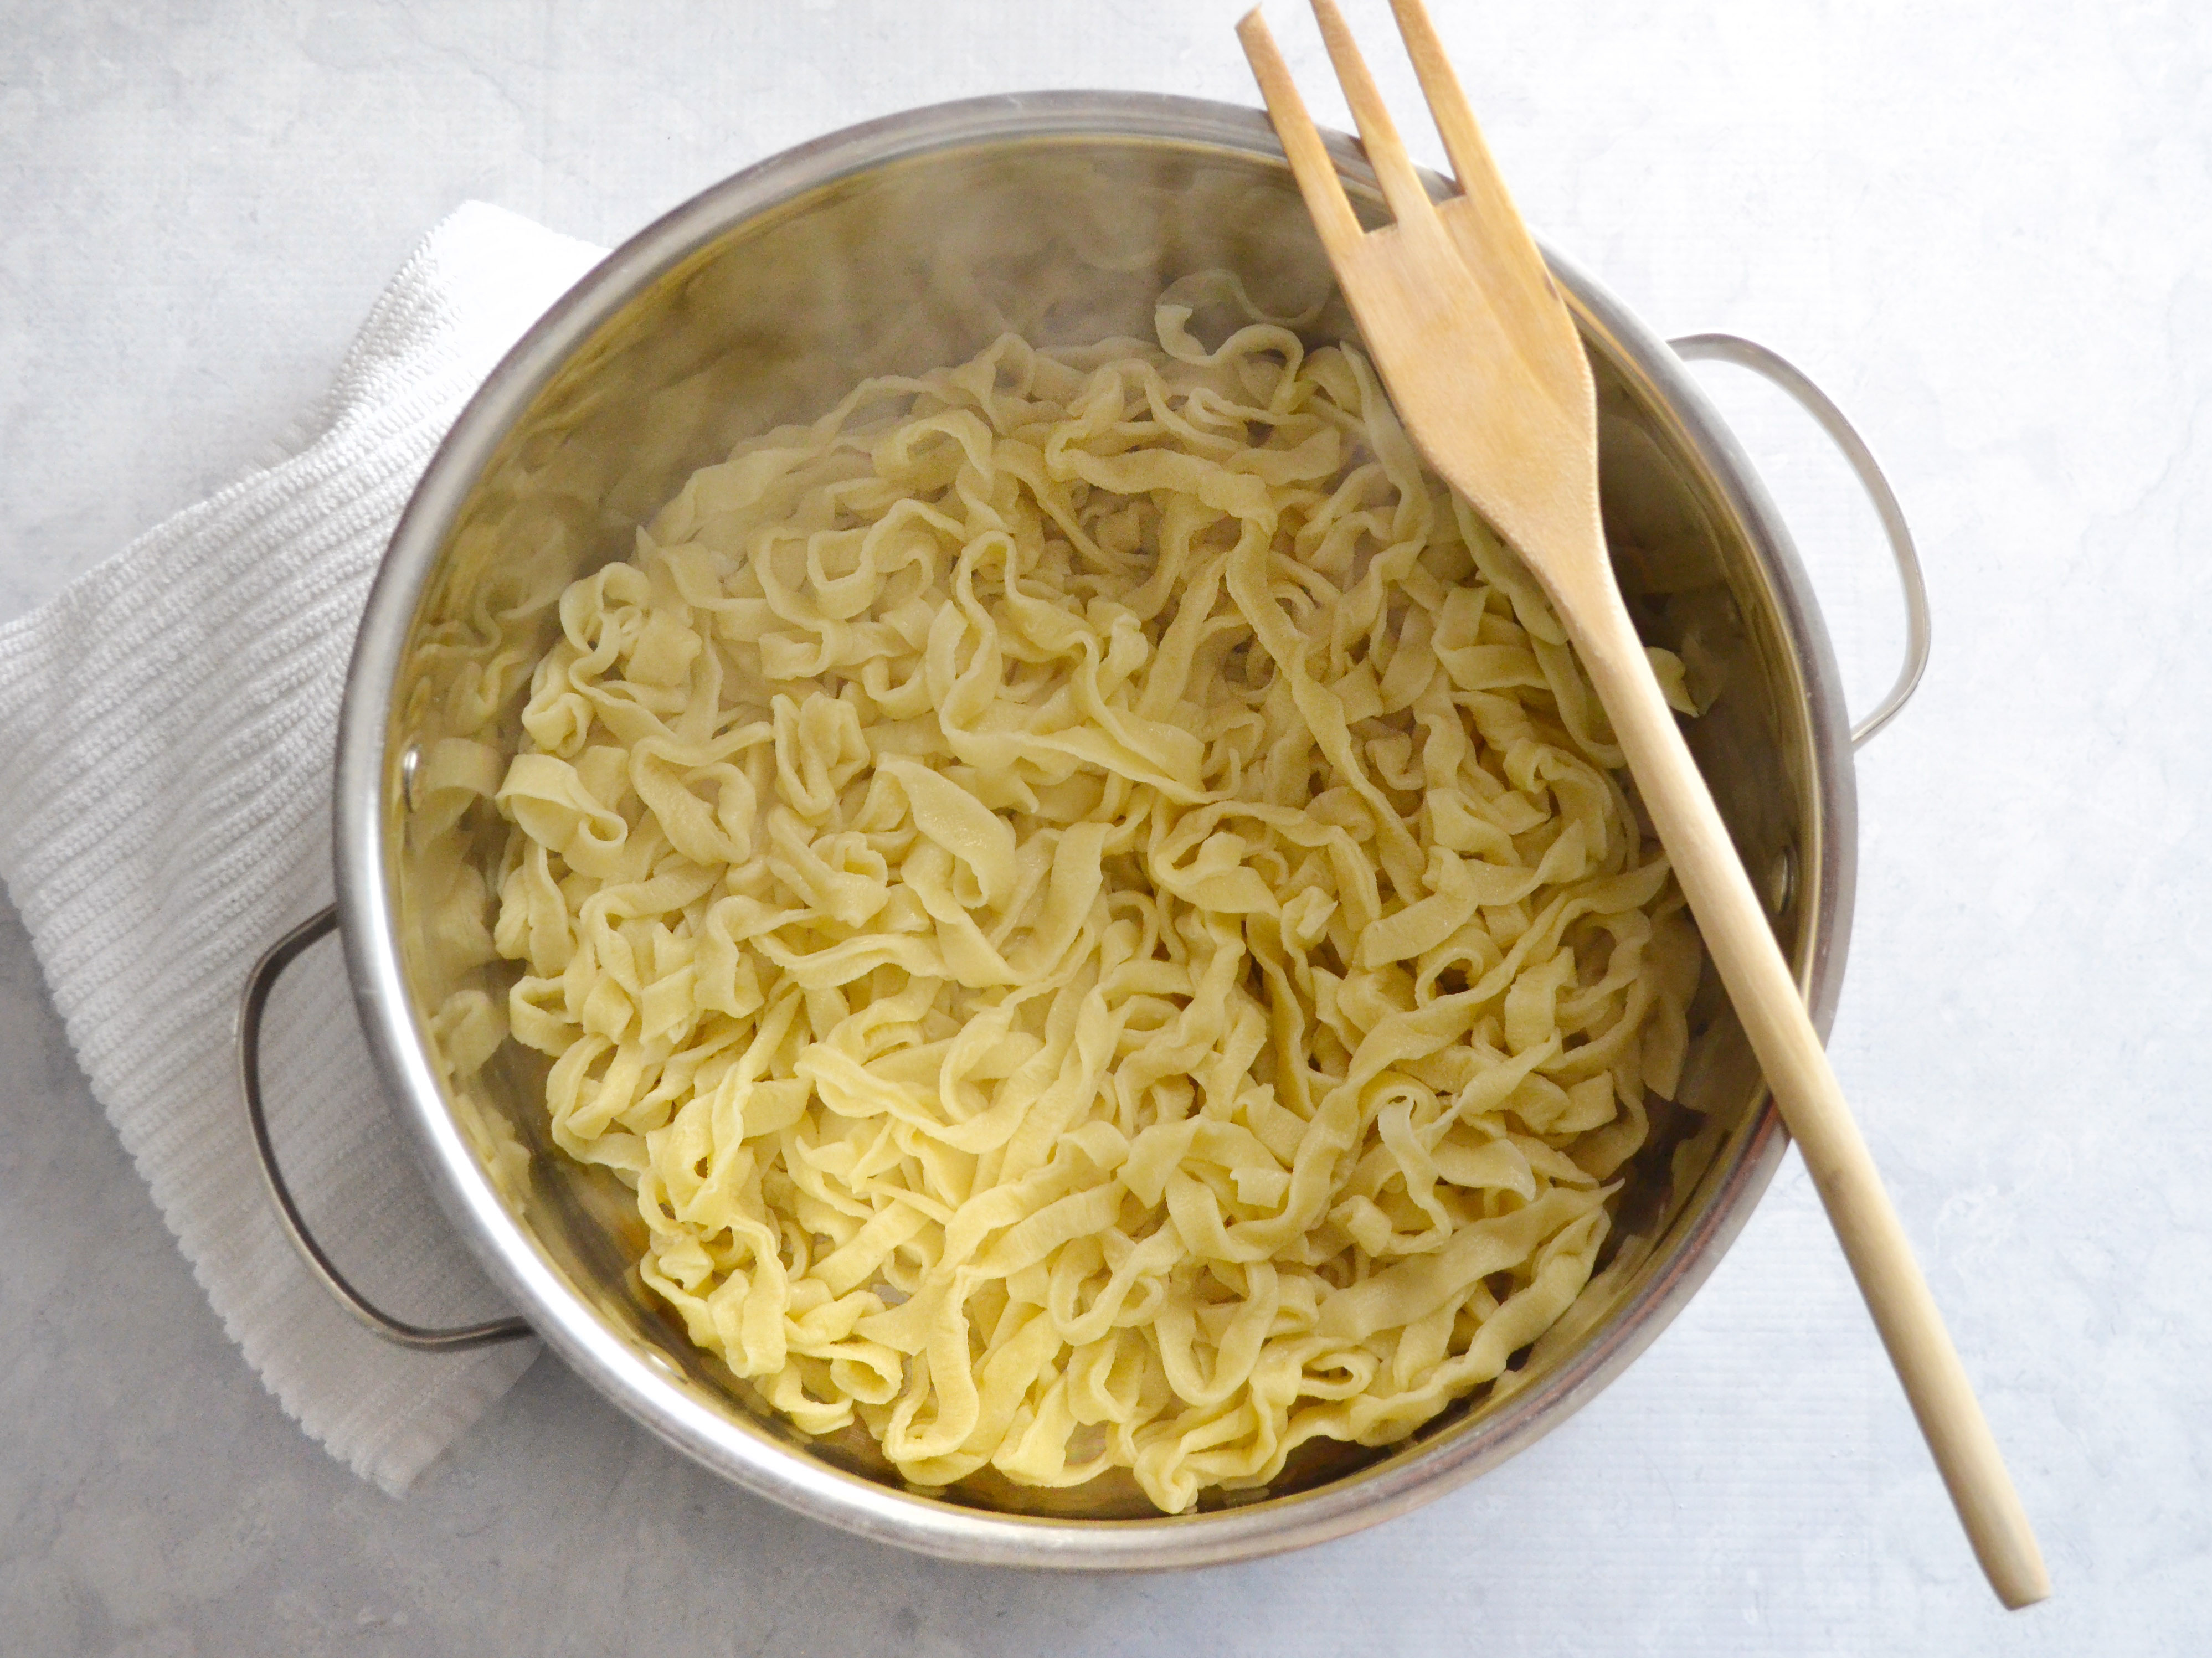 Making Homemade Pasta  How To Make Homemade Pasta Genius Kitchen